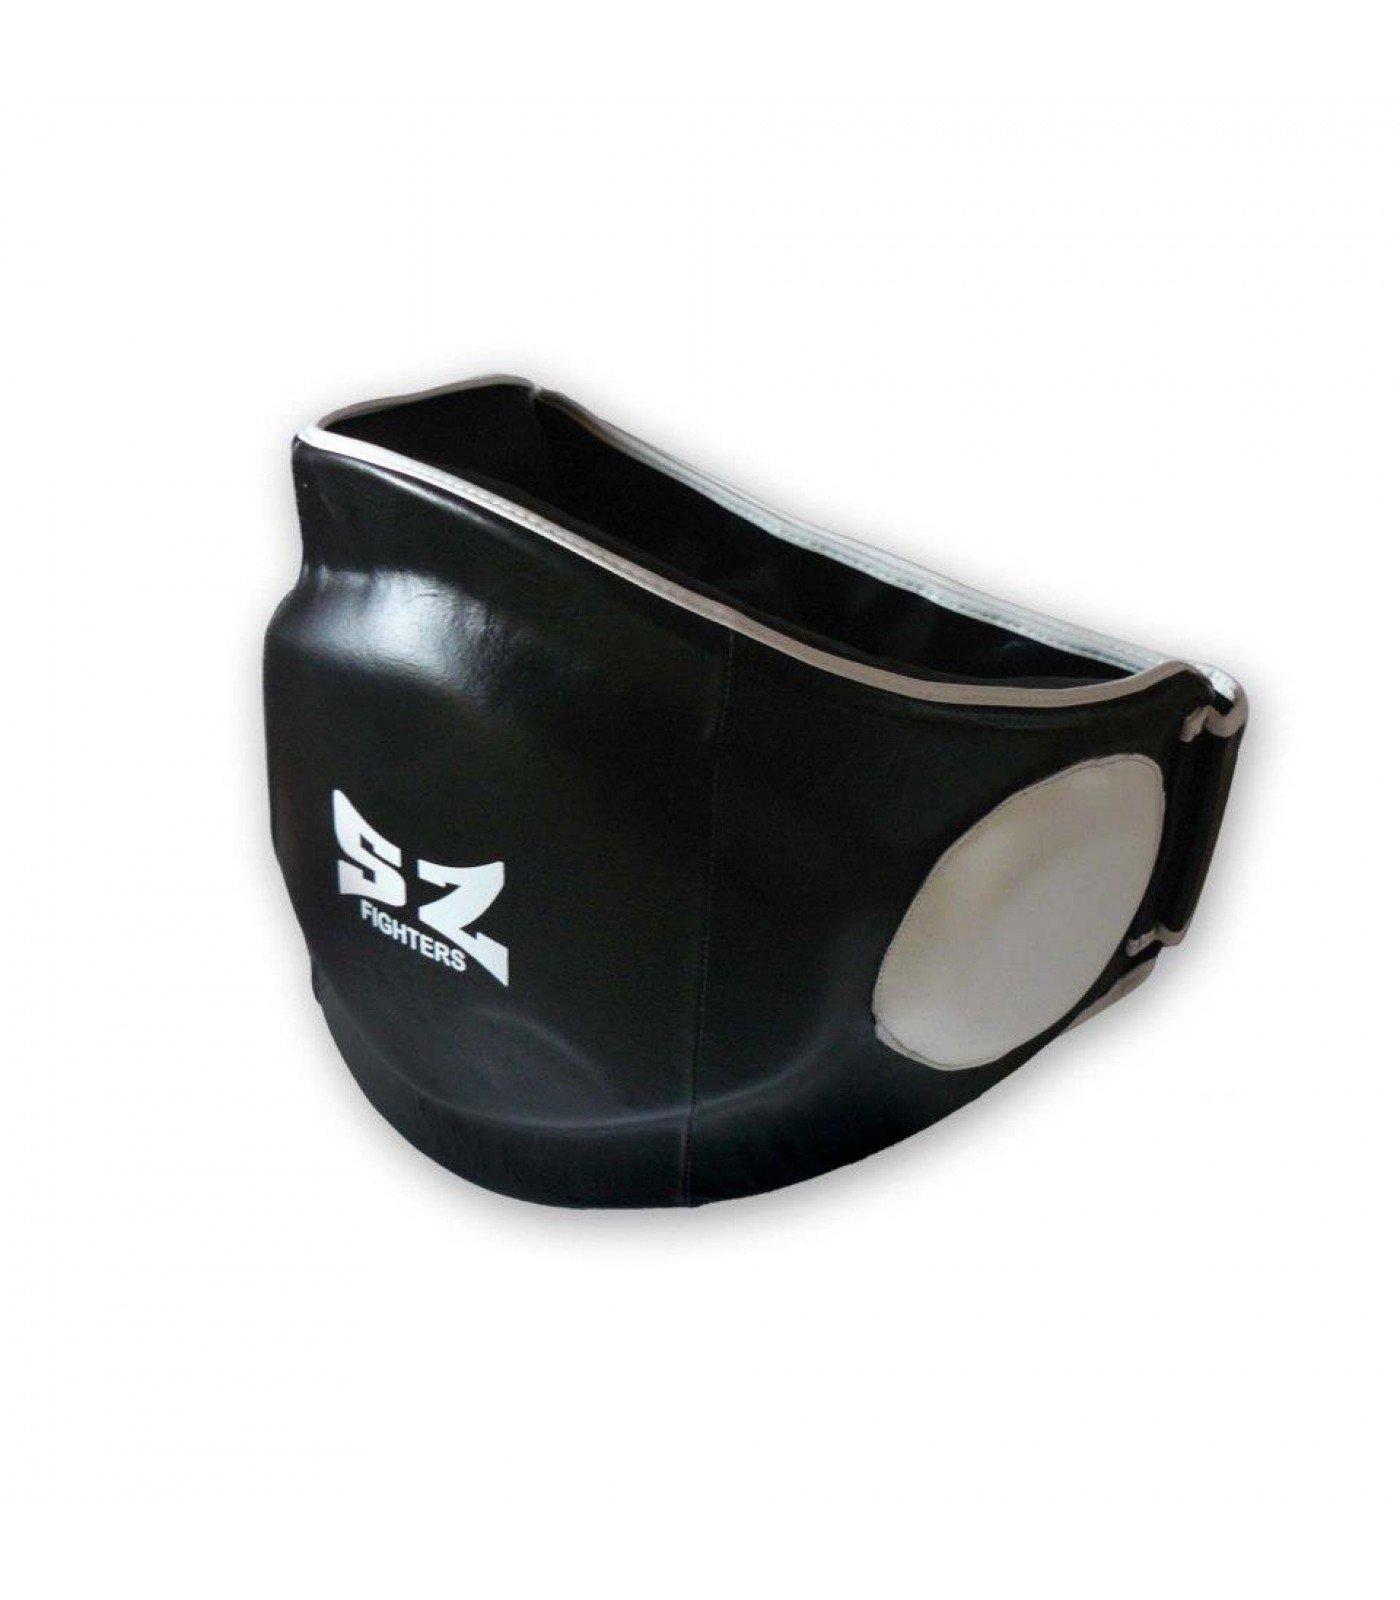 SZ Fighters - Треньорски пояс (Изкуствена кожа)